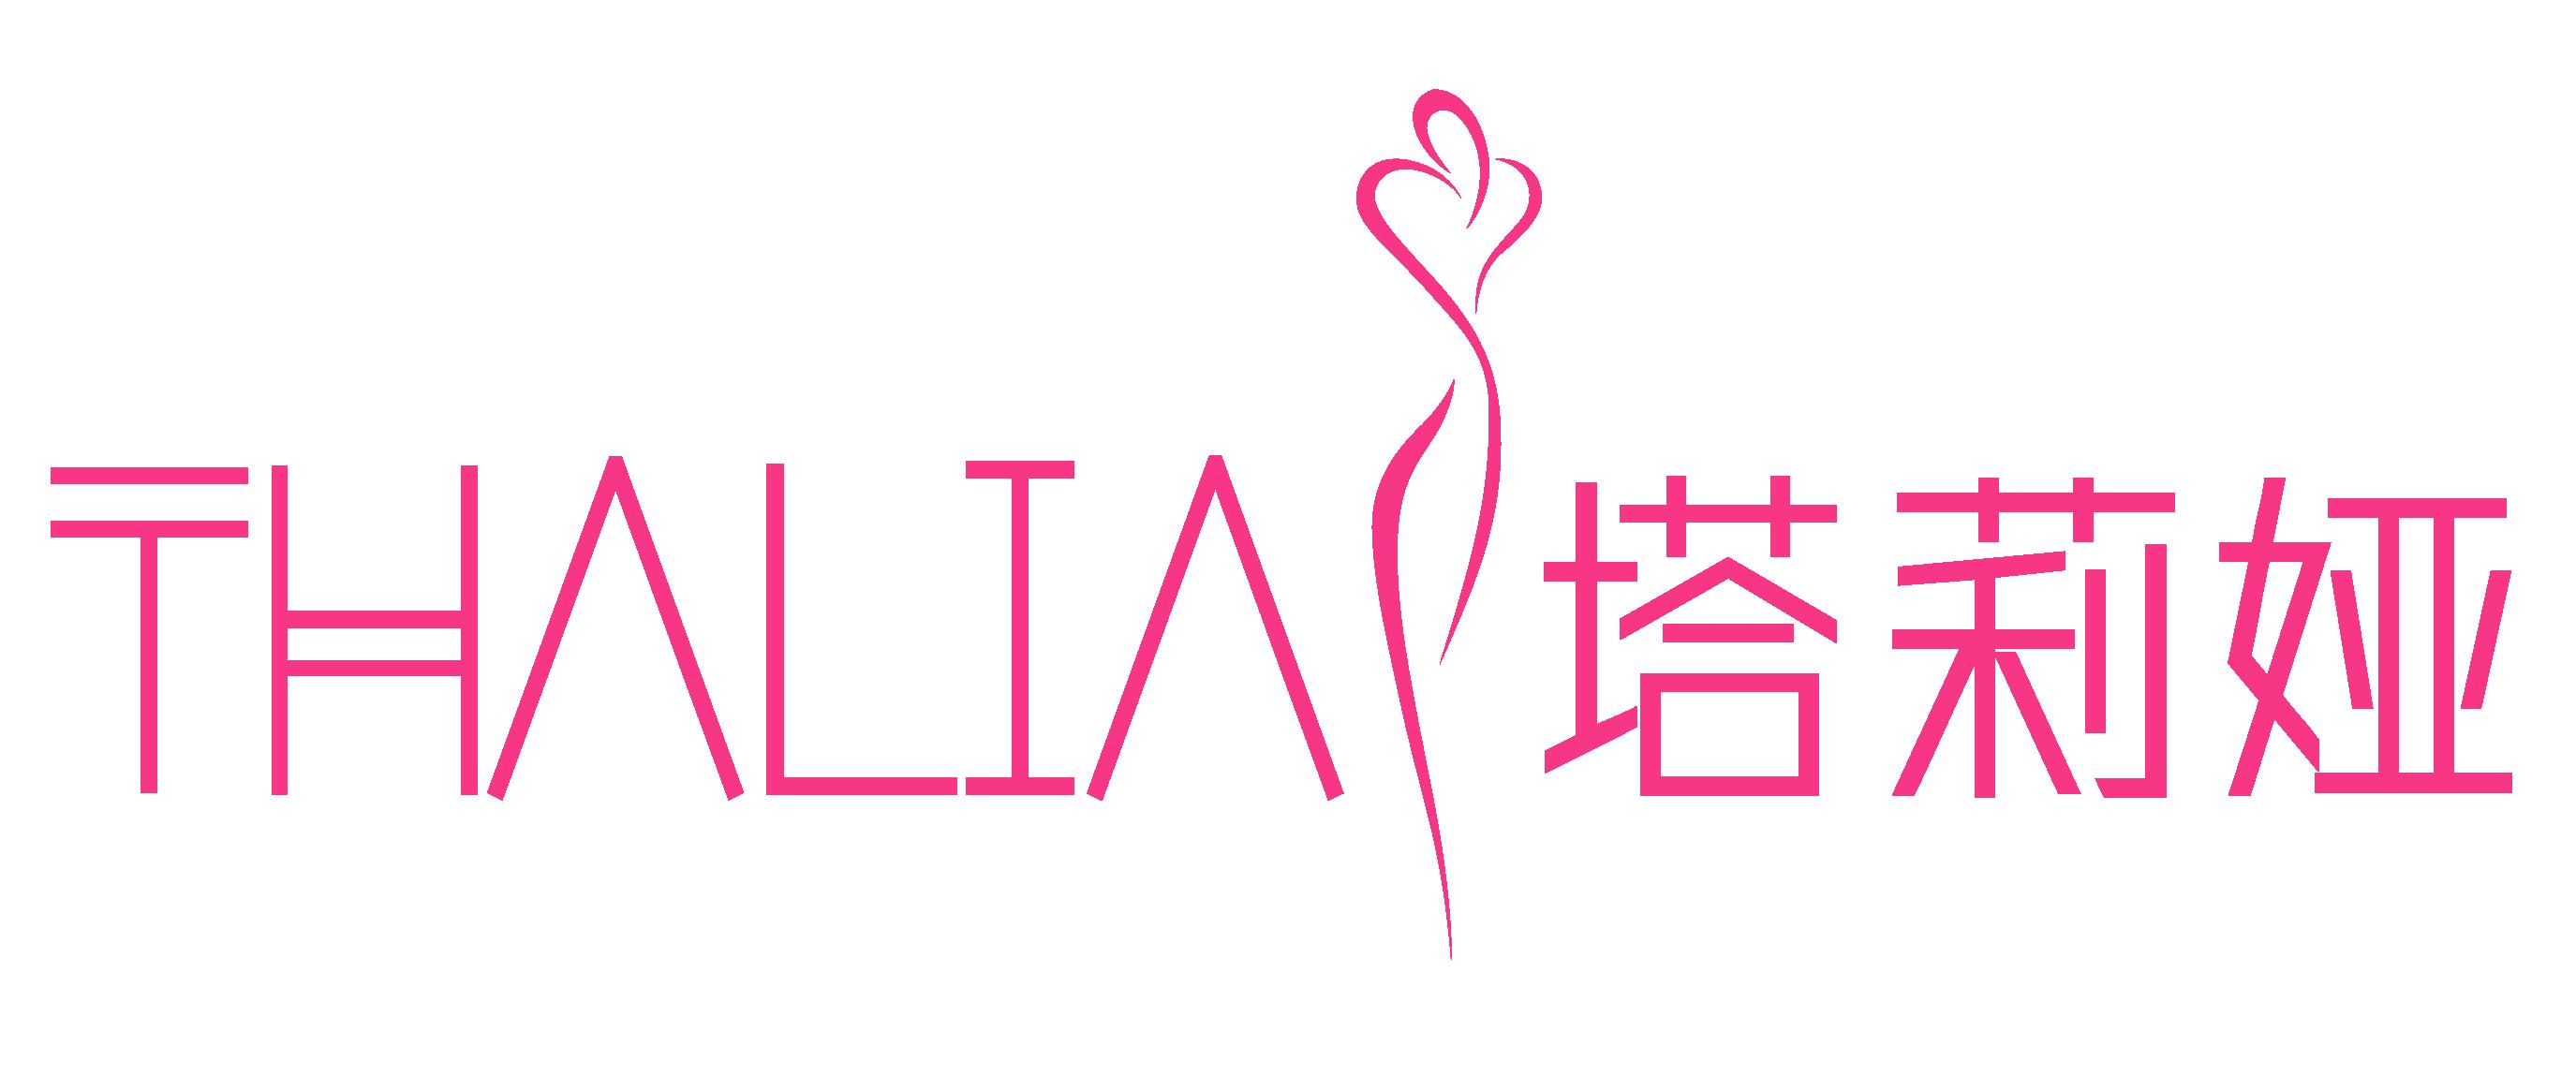 乳腺健康智能保健内衣品牌塔莉娅智能养护内衣健康内衣